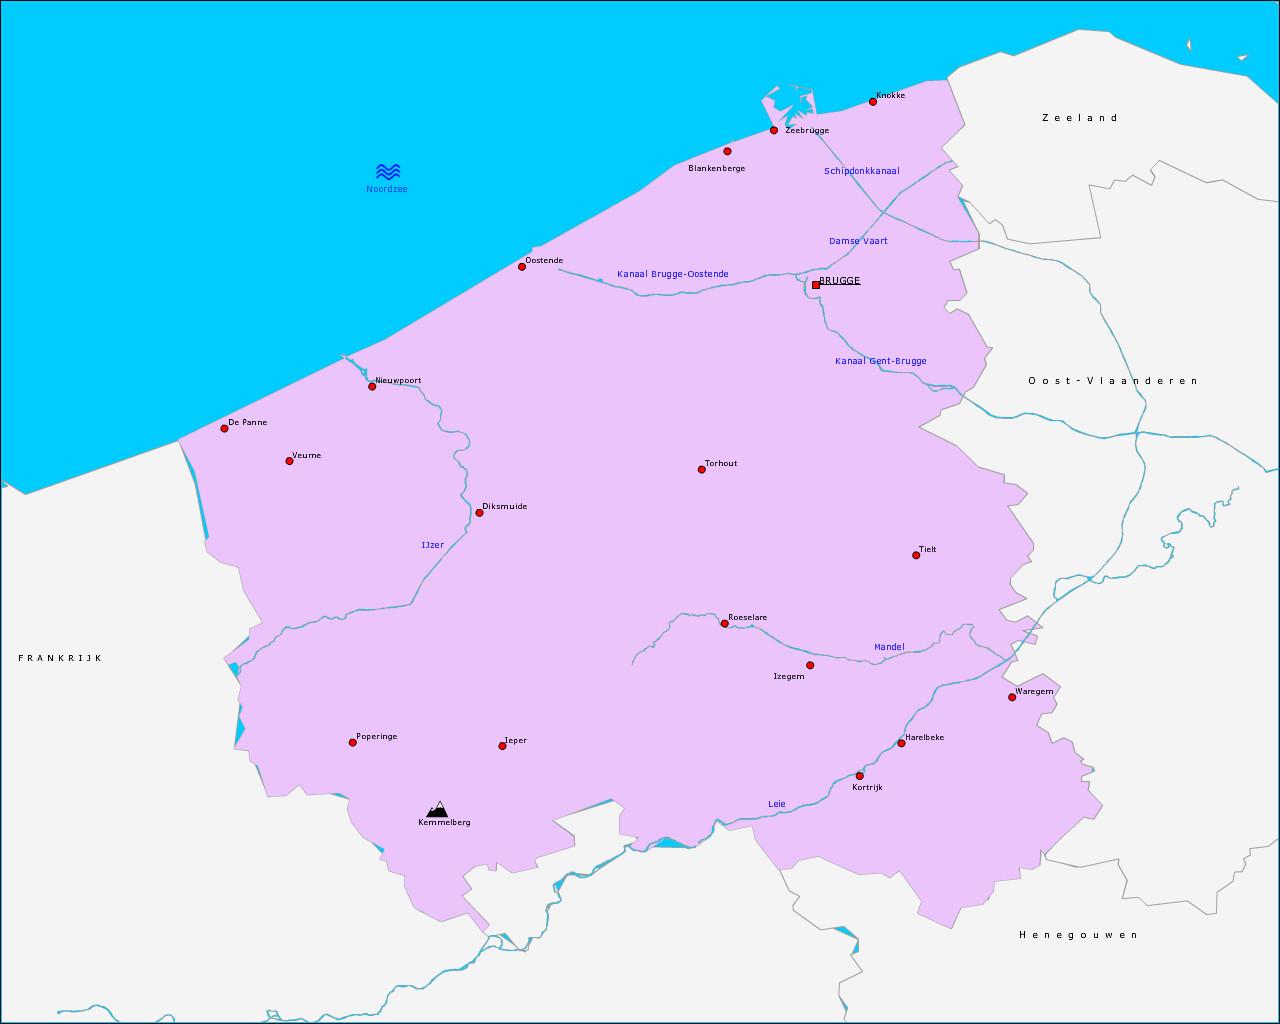 provincie-west-vlaanderen